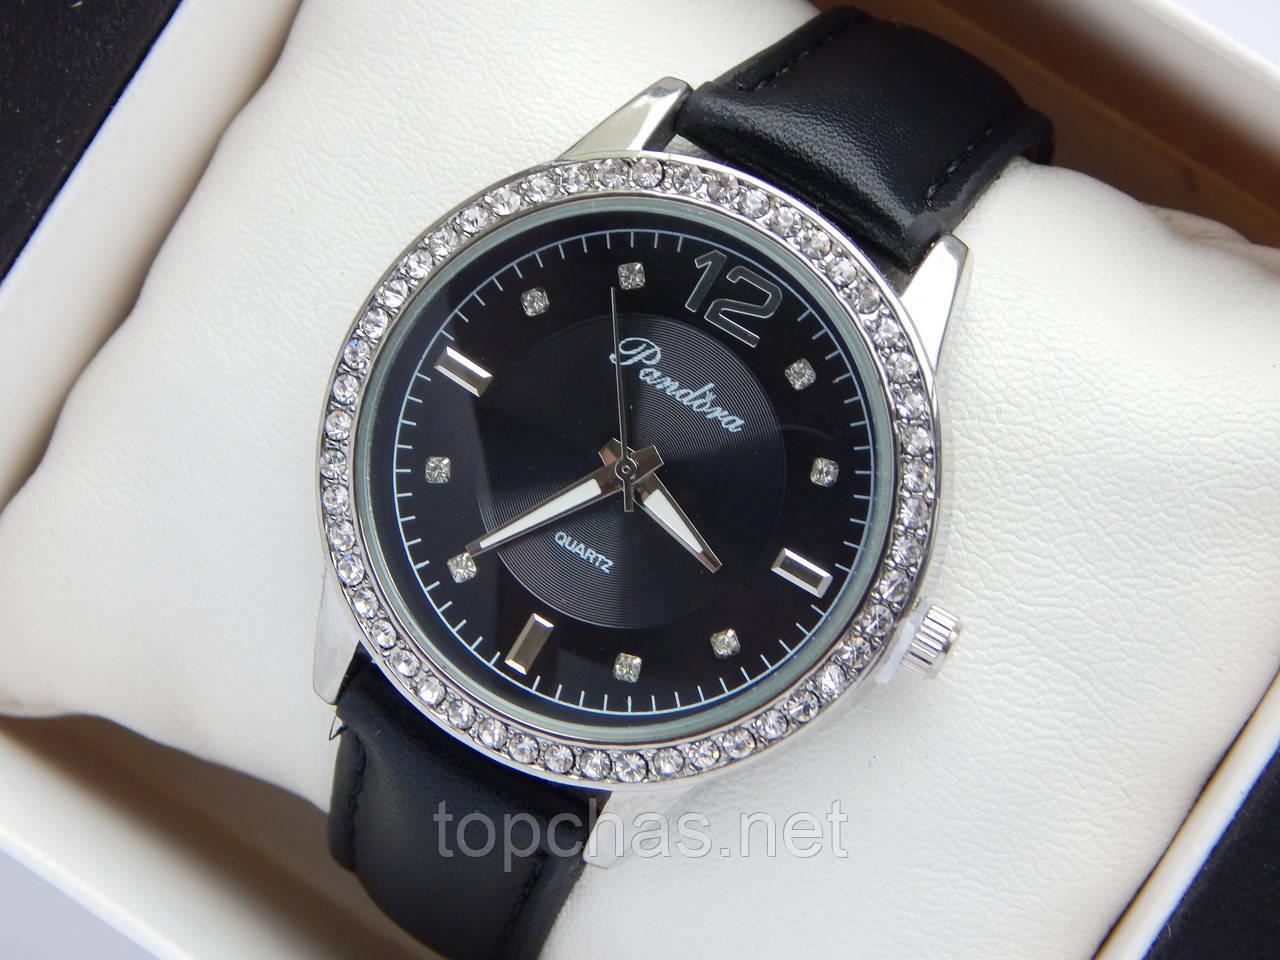 Женские наручные часы Pandora, серебряного цвета, черный циферблат, на  черном кожаном ремешке, 2fdd0828ca0